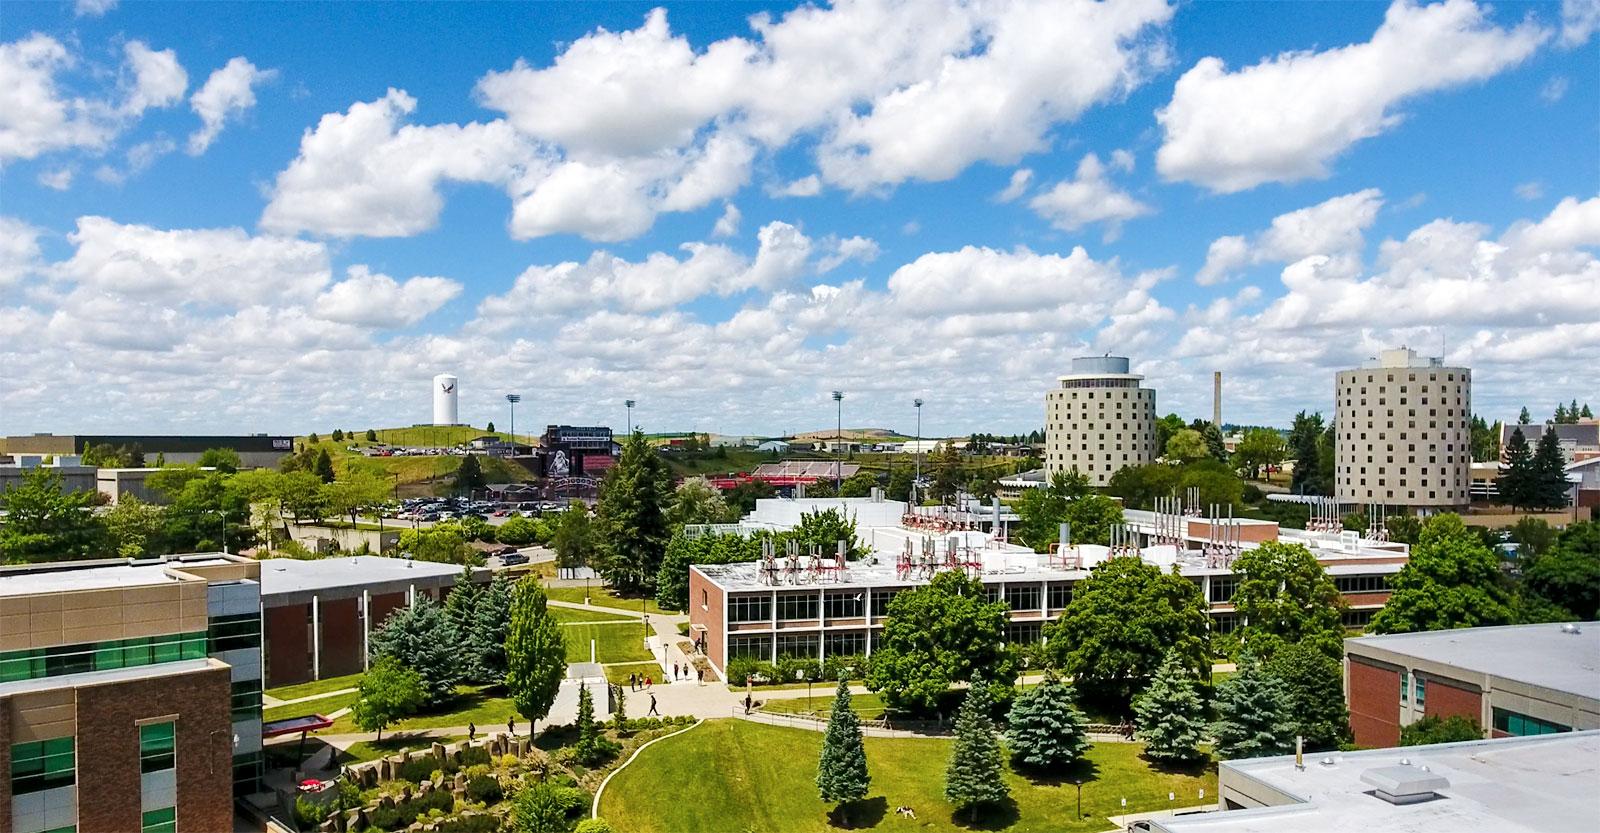 Campus Drone